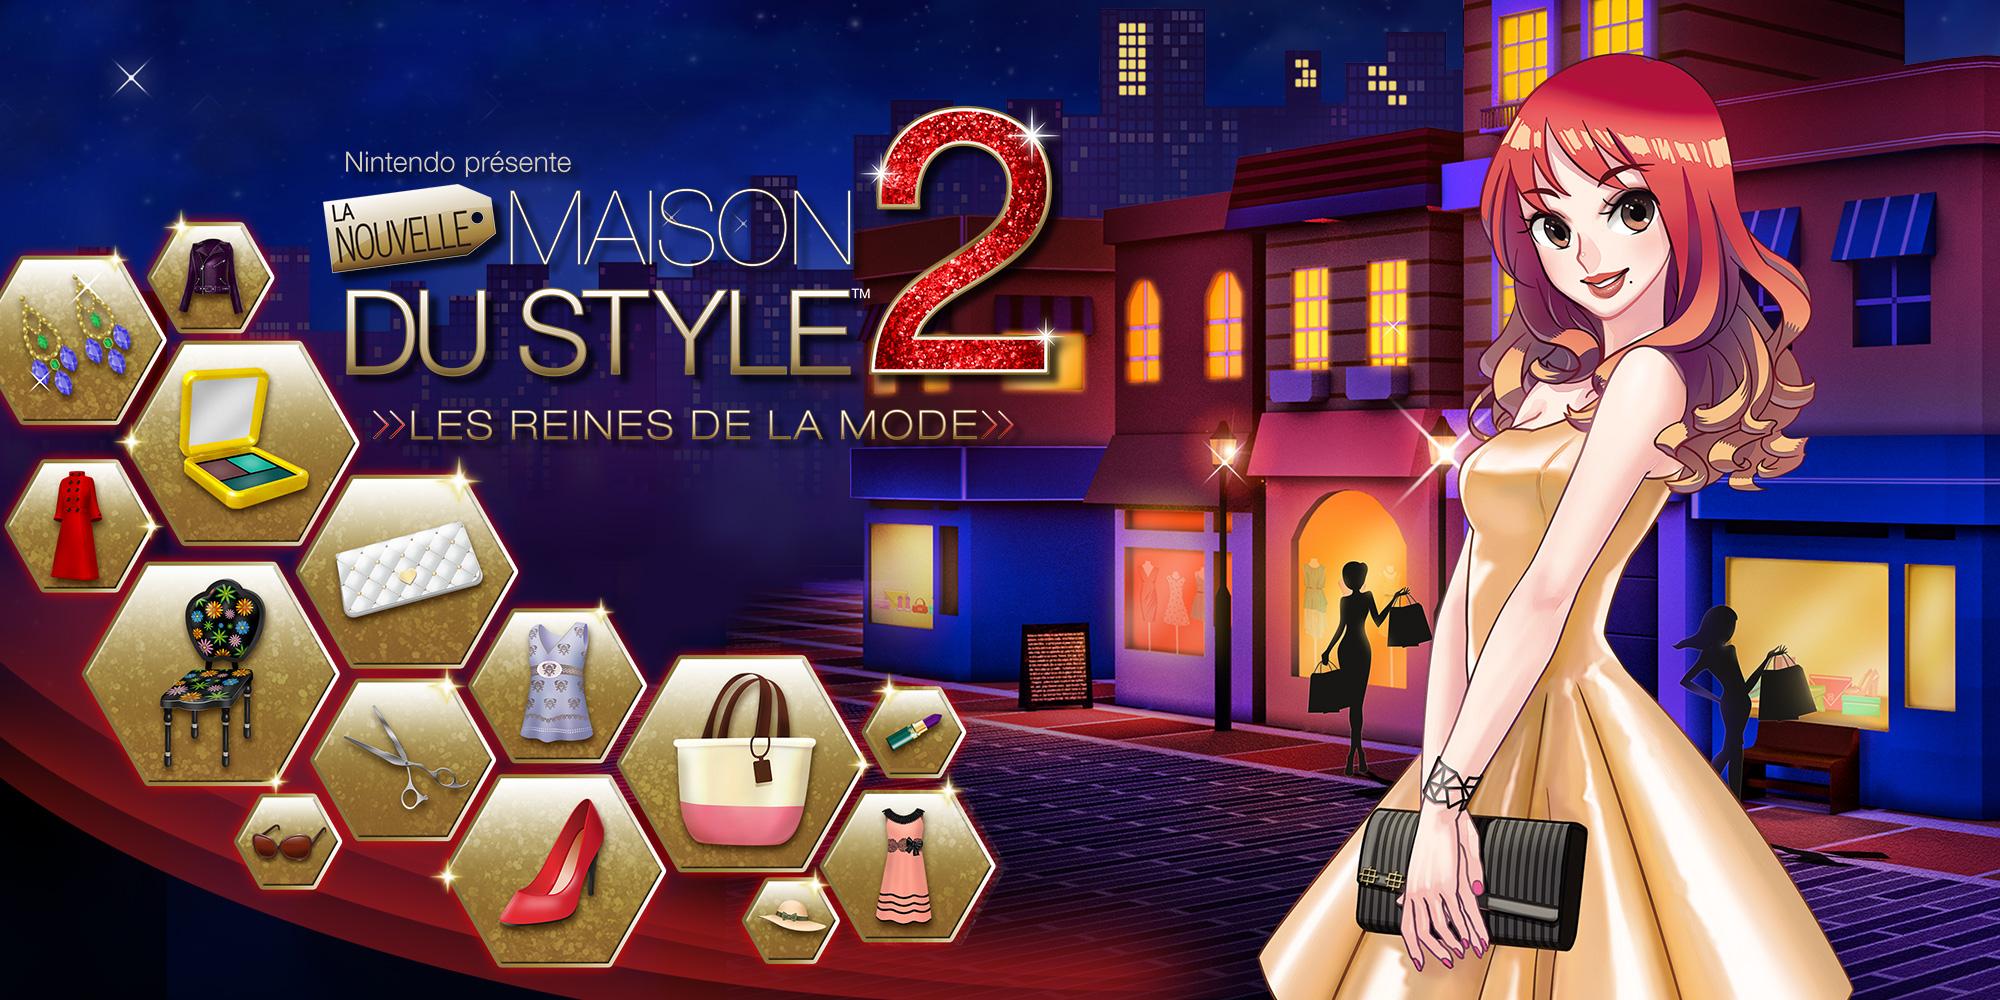 Astuce La Nouvelle Maison Du Style #2: Attractive La Nouvelle Maison Du Style Astuce #5: Nintendo Présente : La Nouvelle  Maison